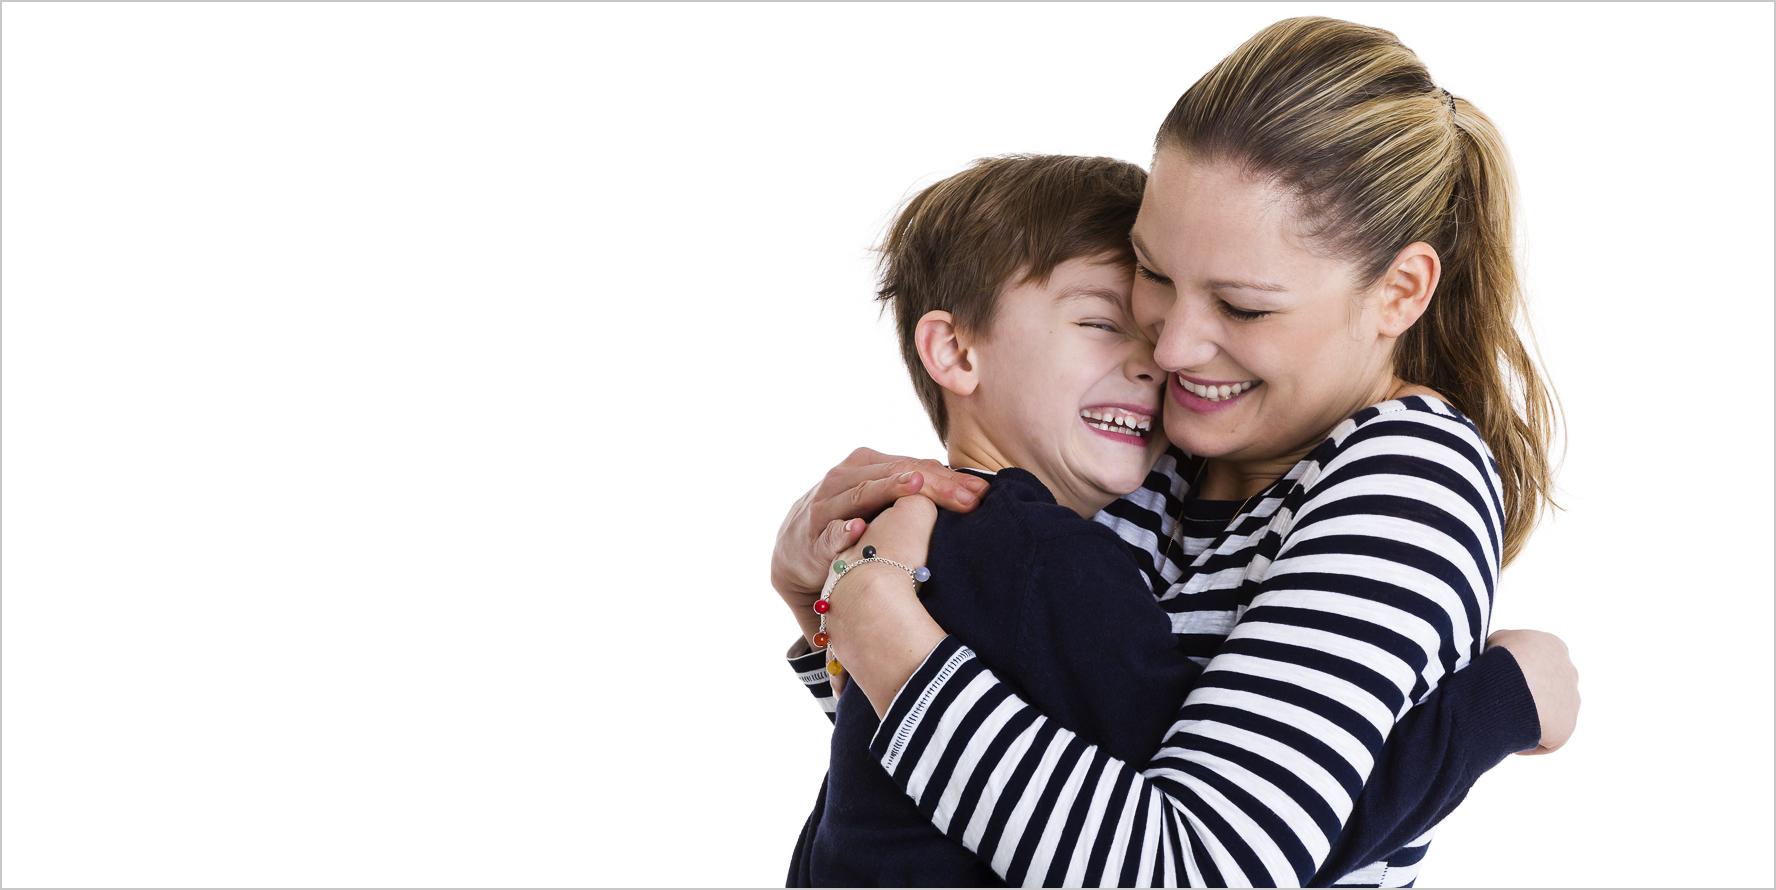 Familienfotografie Mutter mit dem Sohn lachend spontan auf dem weissen Hintergrund